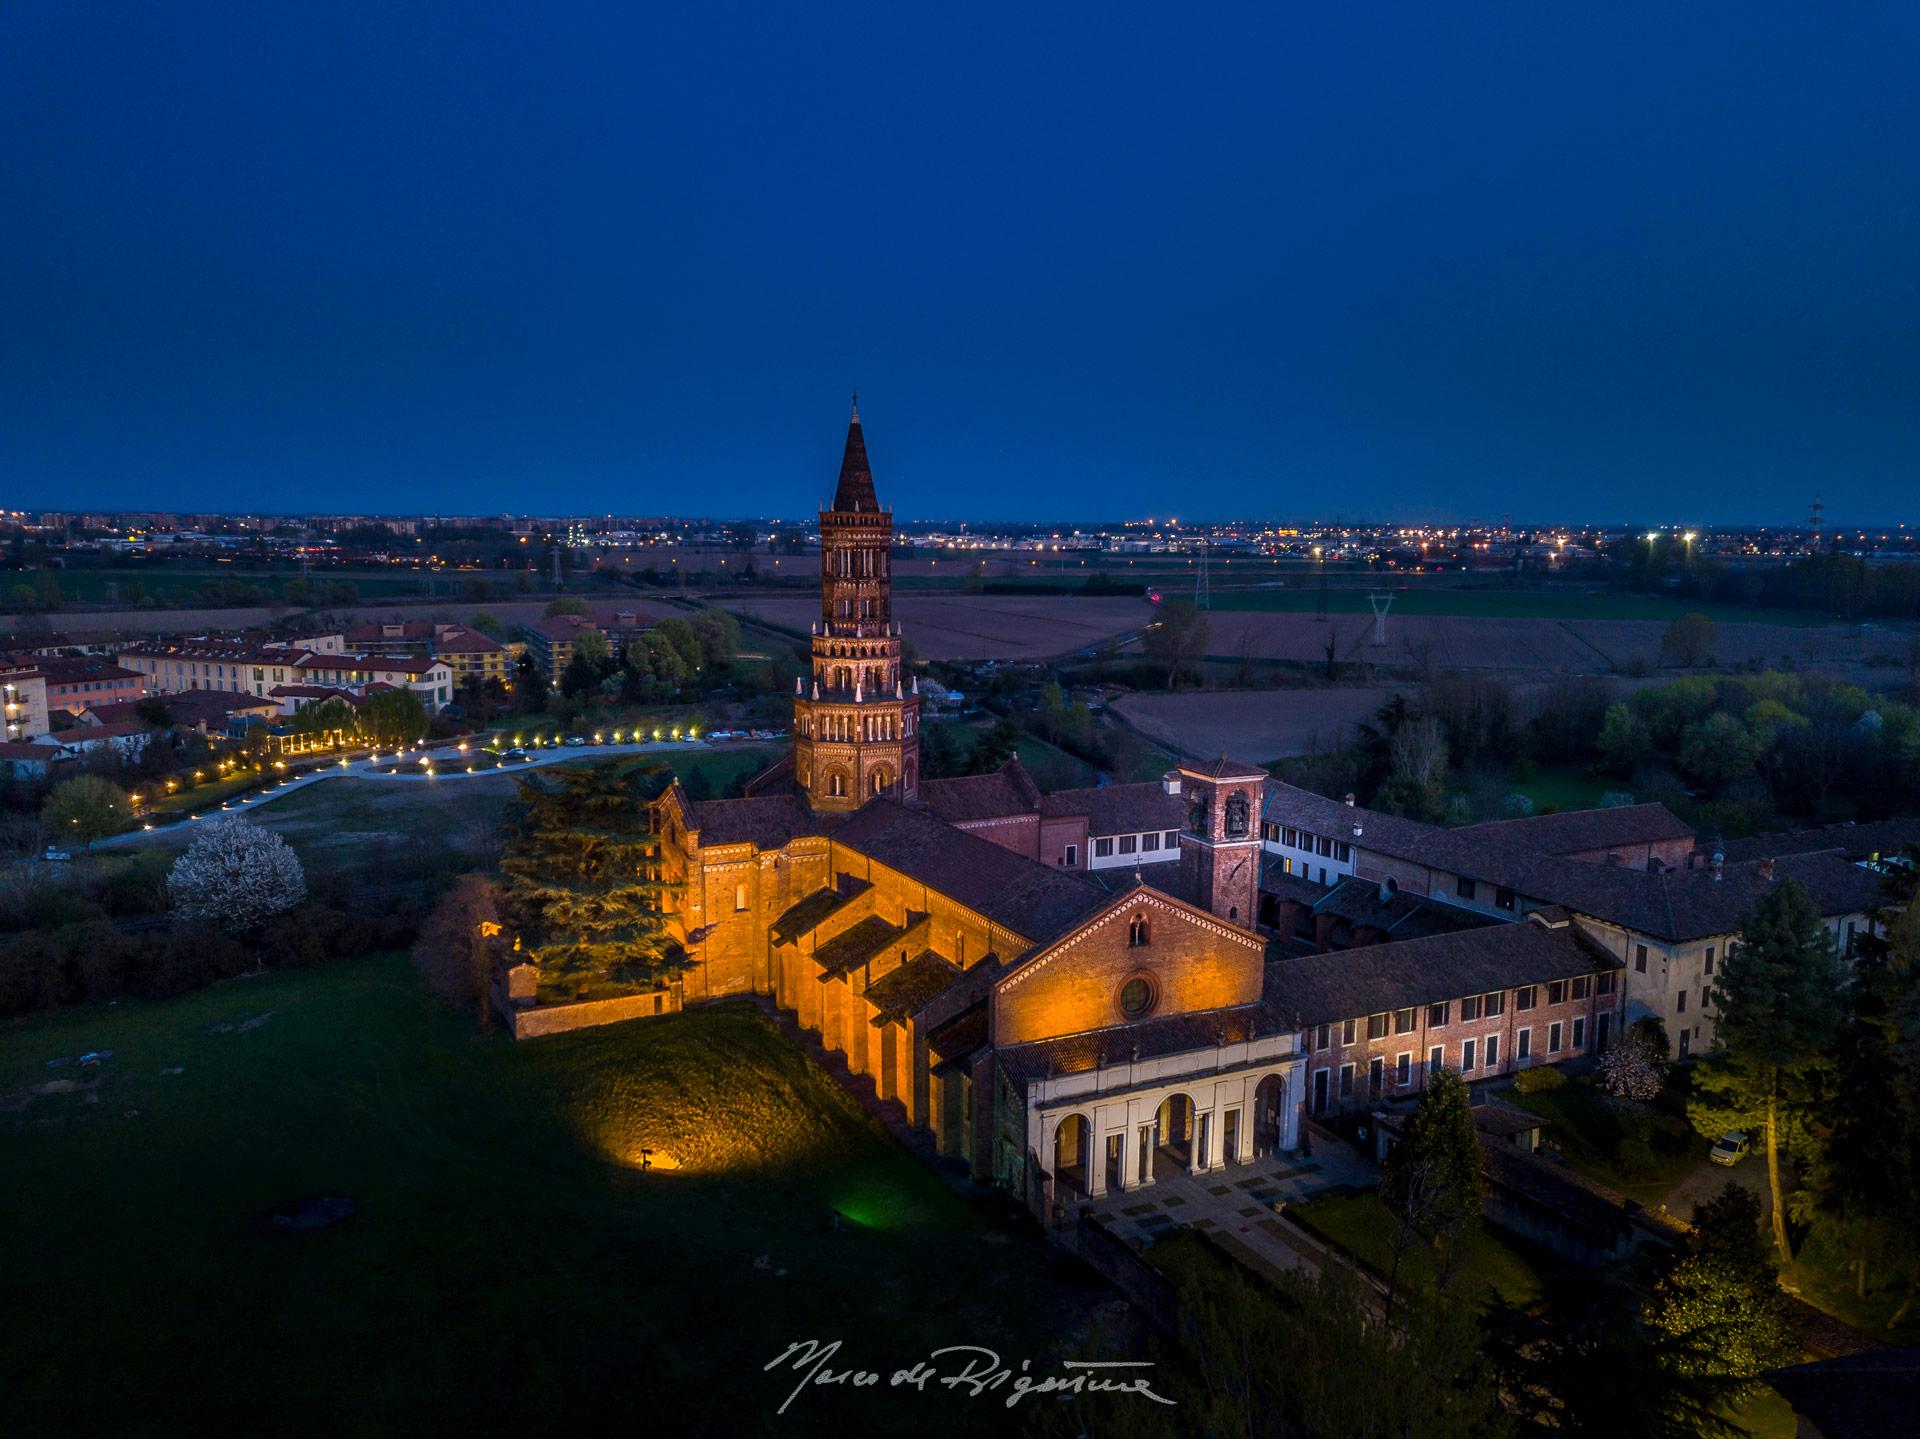 esperienza drone immagine portfolio turismo promozione territorio italia antiche residenze castelli alberghi hotelabbazzia_chiaravalle_ora_blu.jpg